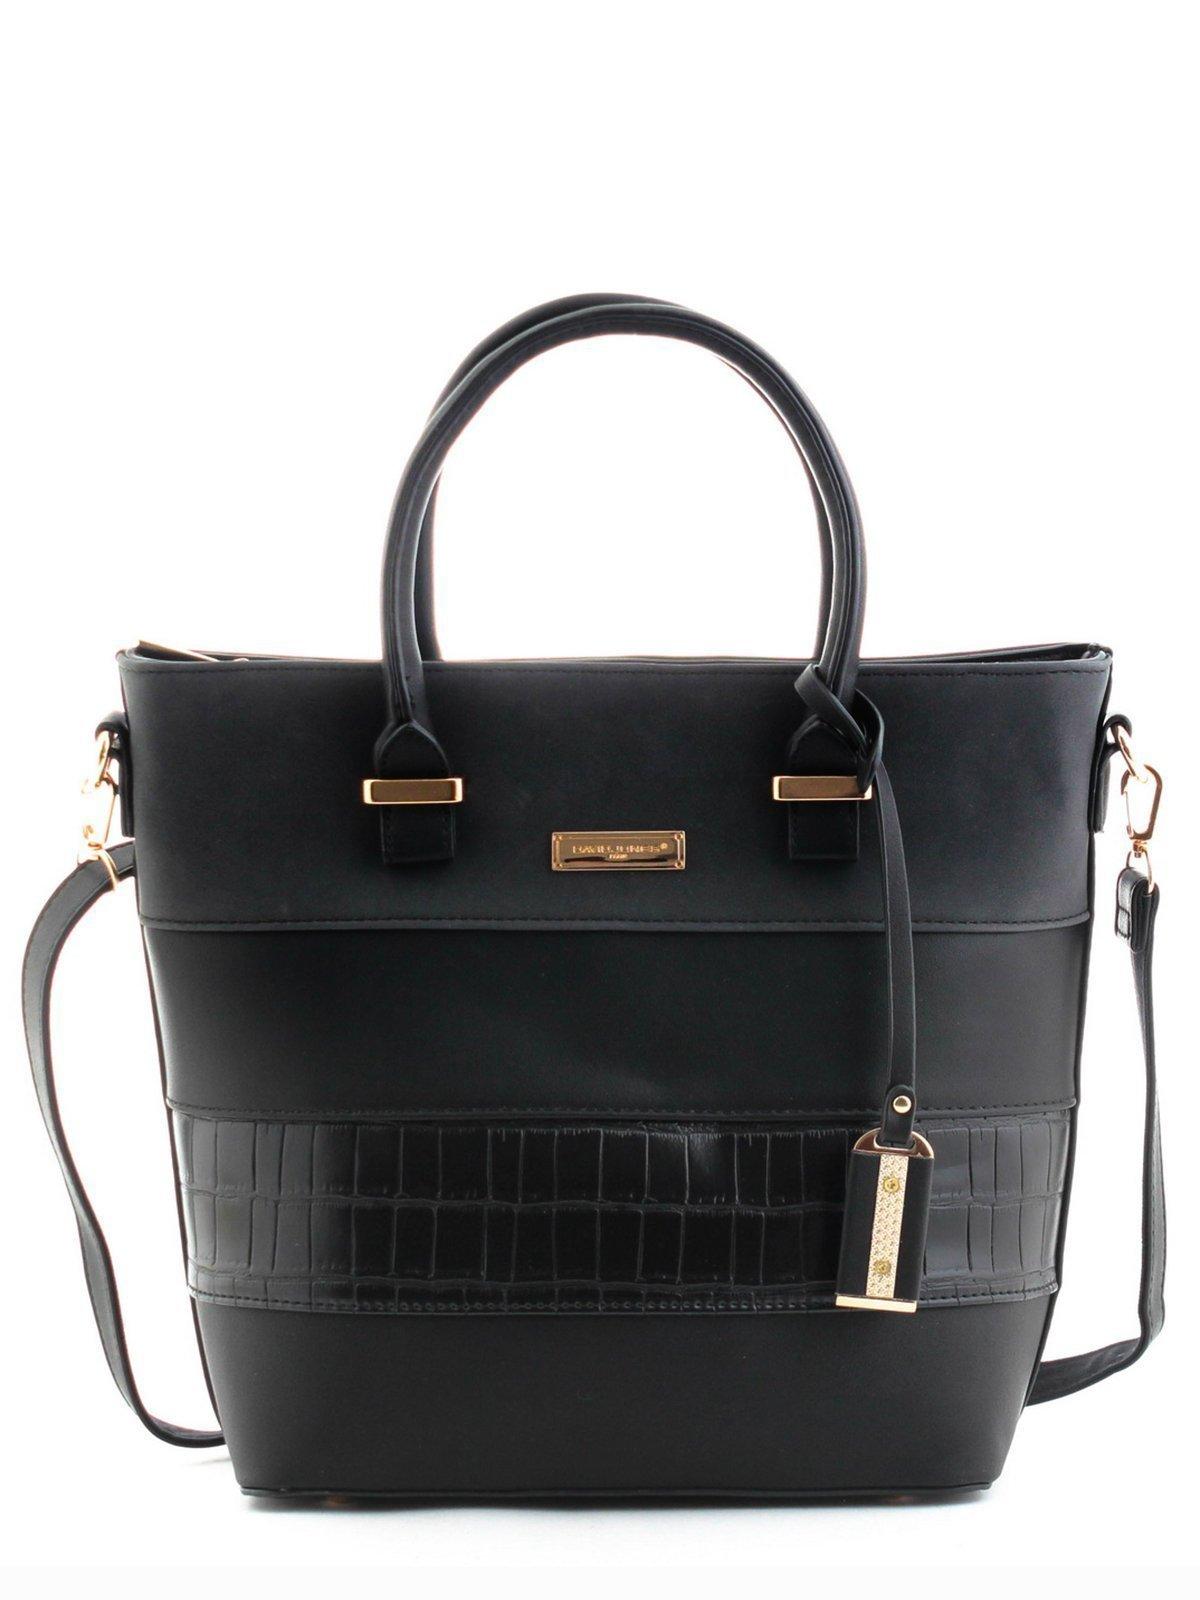 Чёрная сумка классическая David Jones. Вид 1.